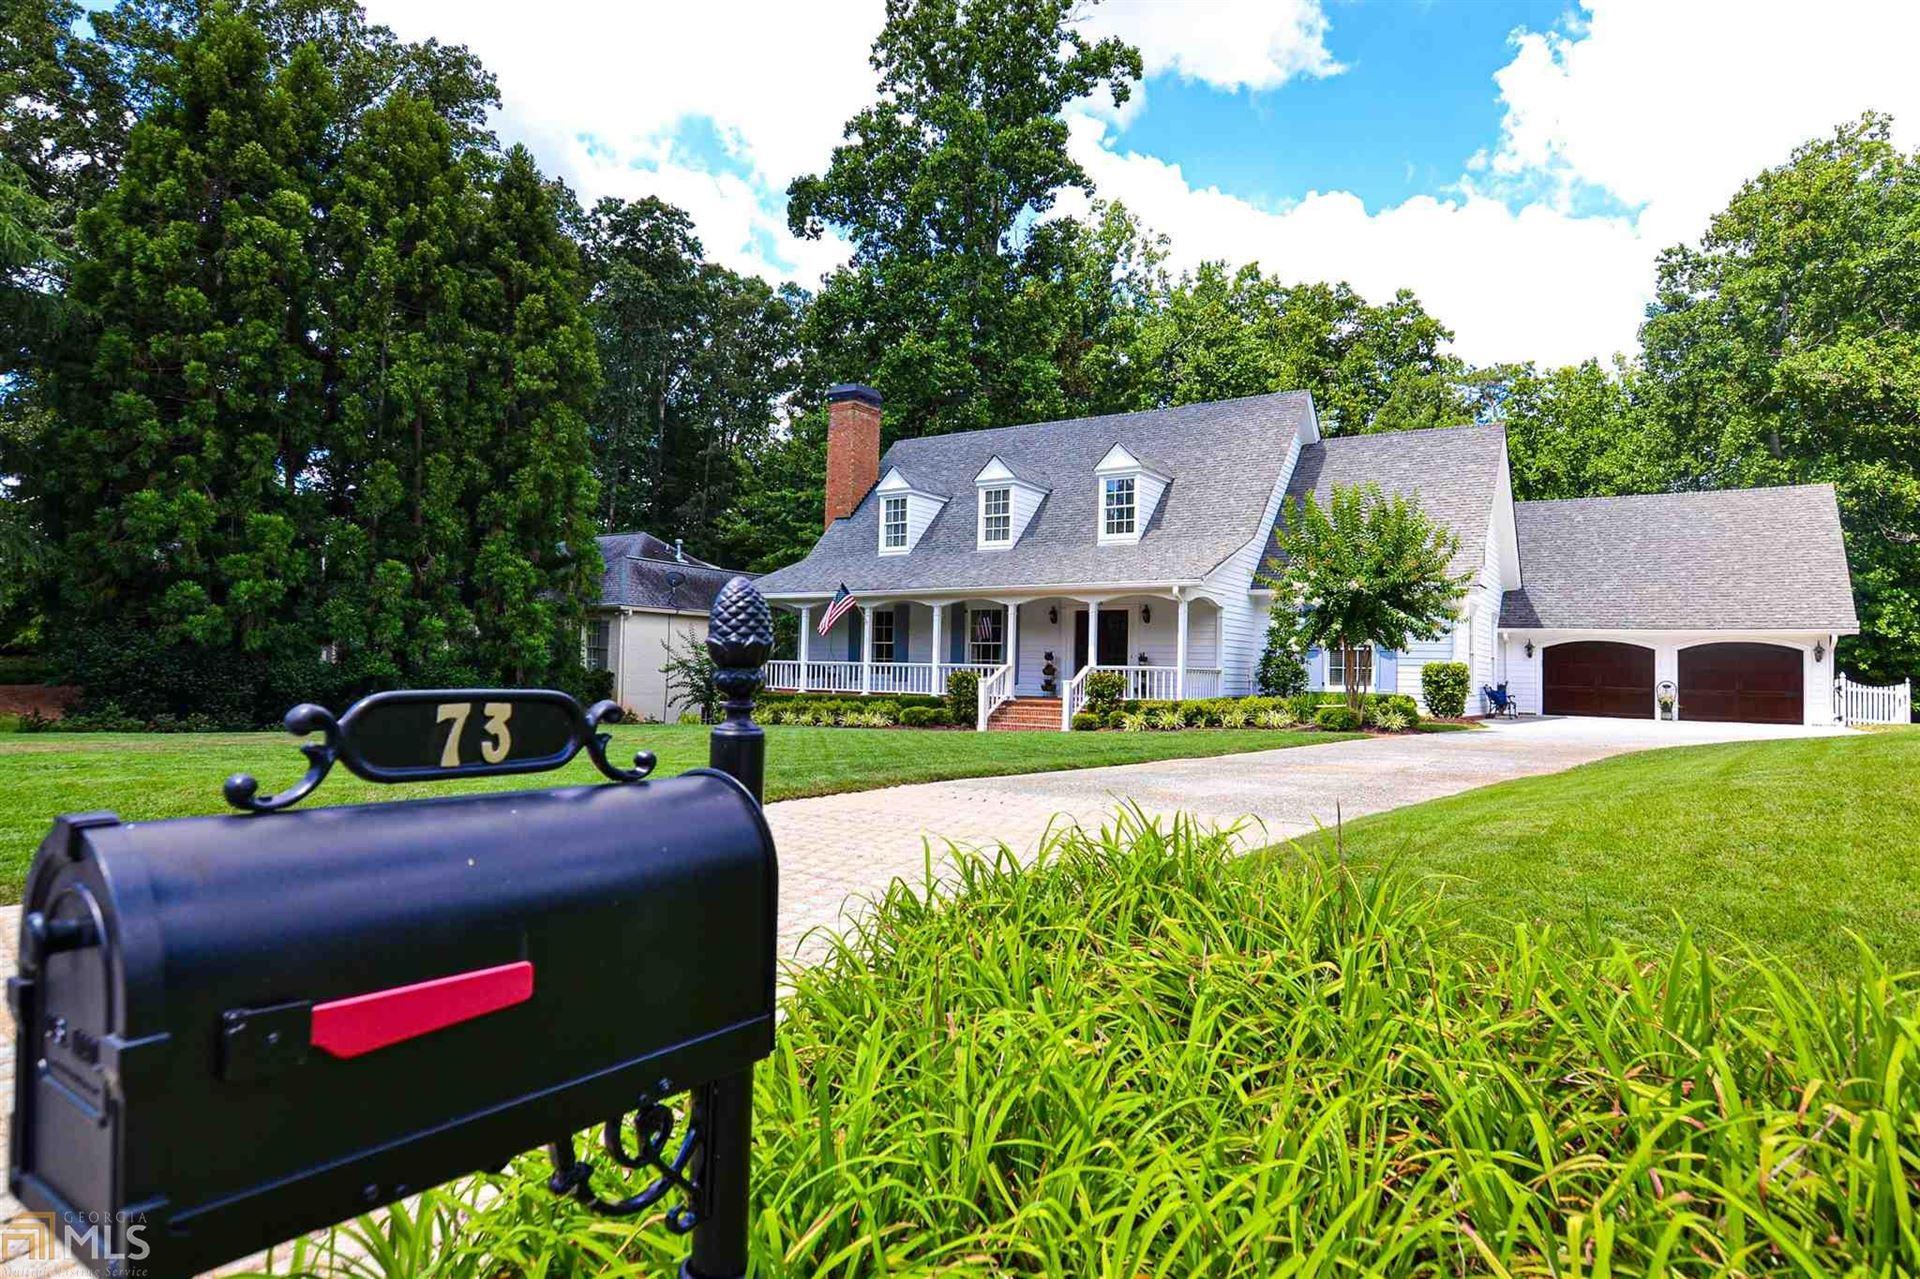 73 Old Stonemill Rd, Marietta, GA 30067 - #: 8818660